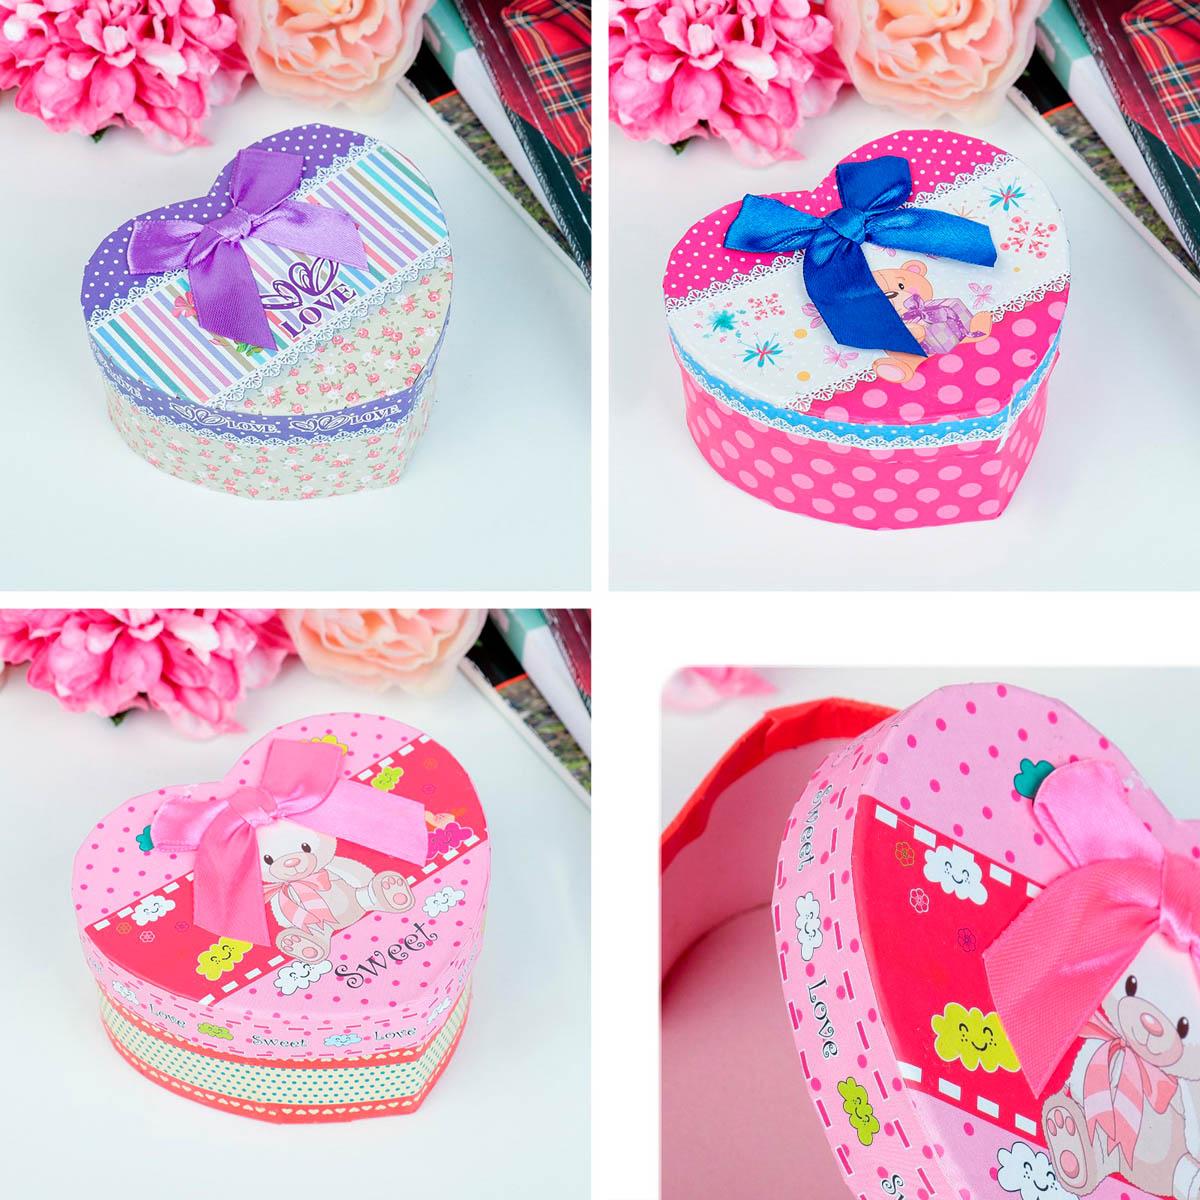 3831166 Коробка подарочная сердце 10 х 11 х 5,5 см МИКС